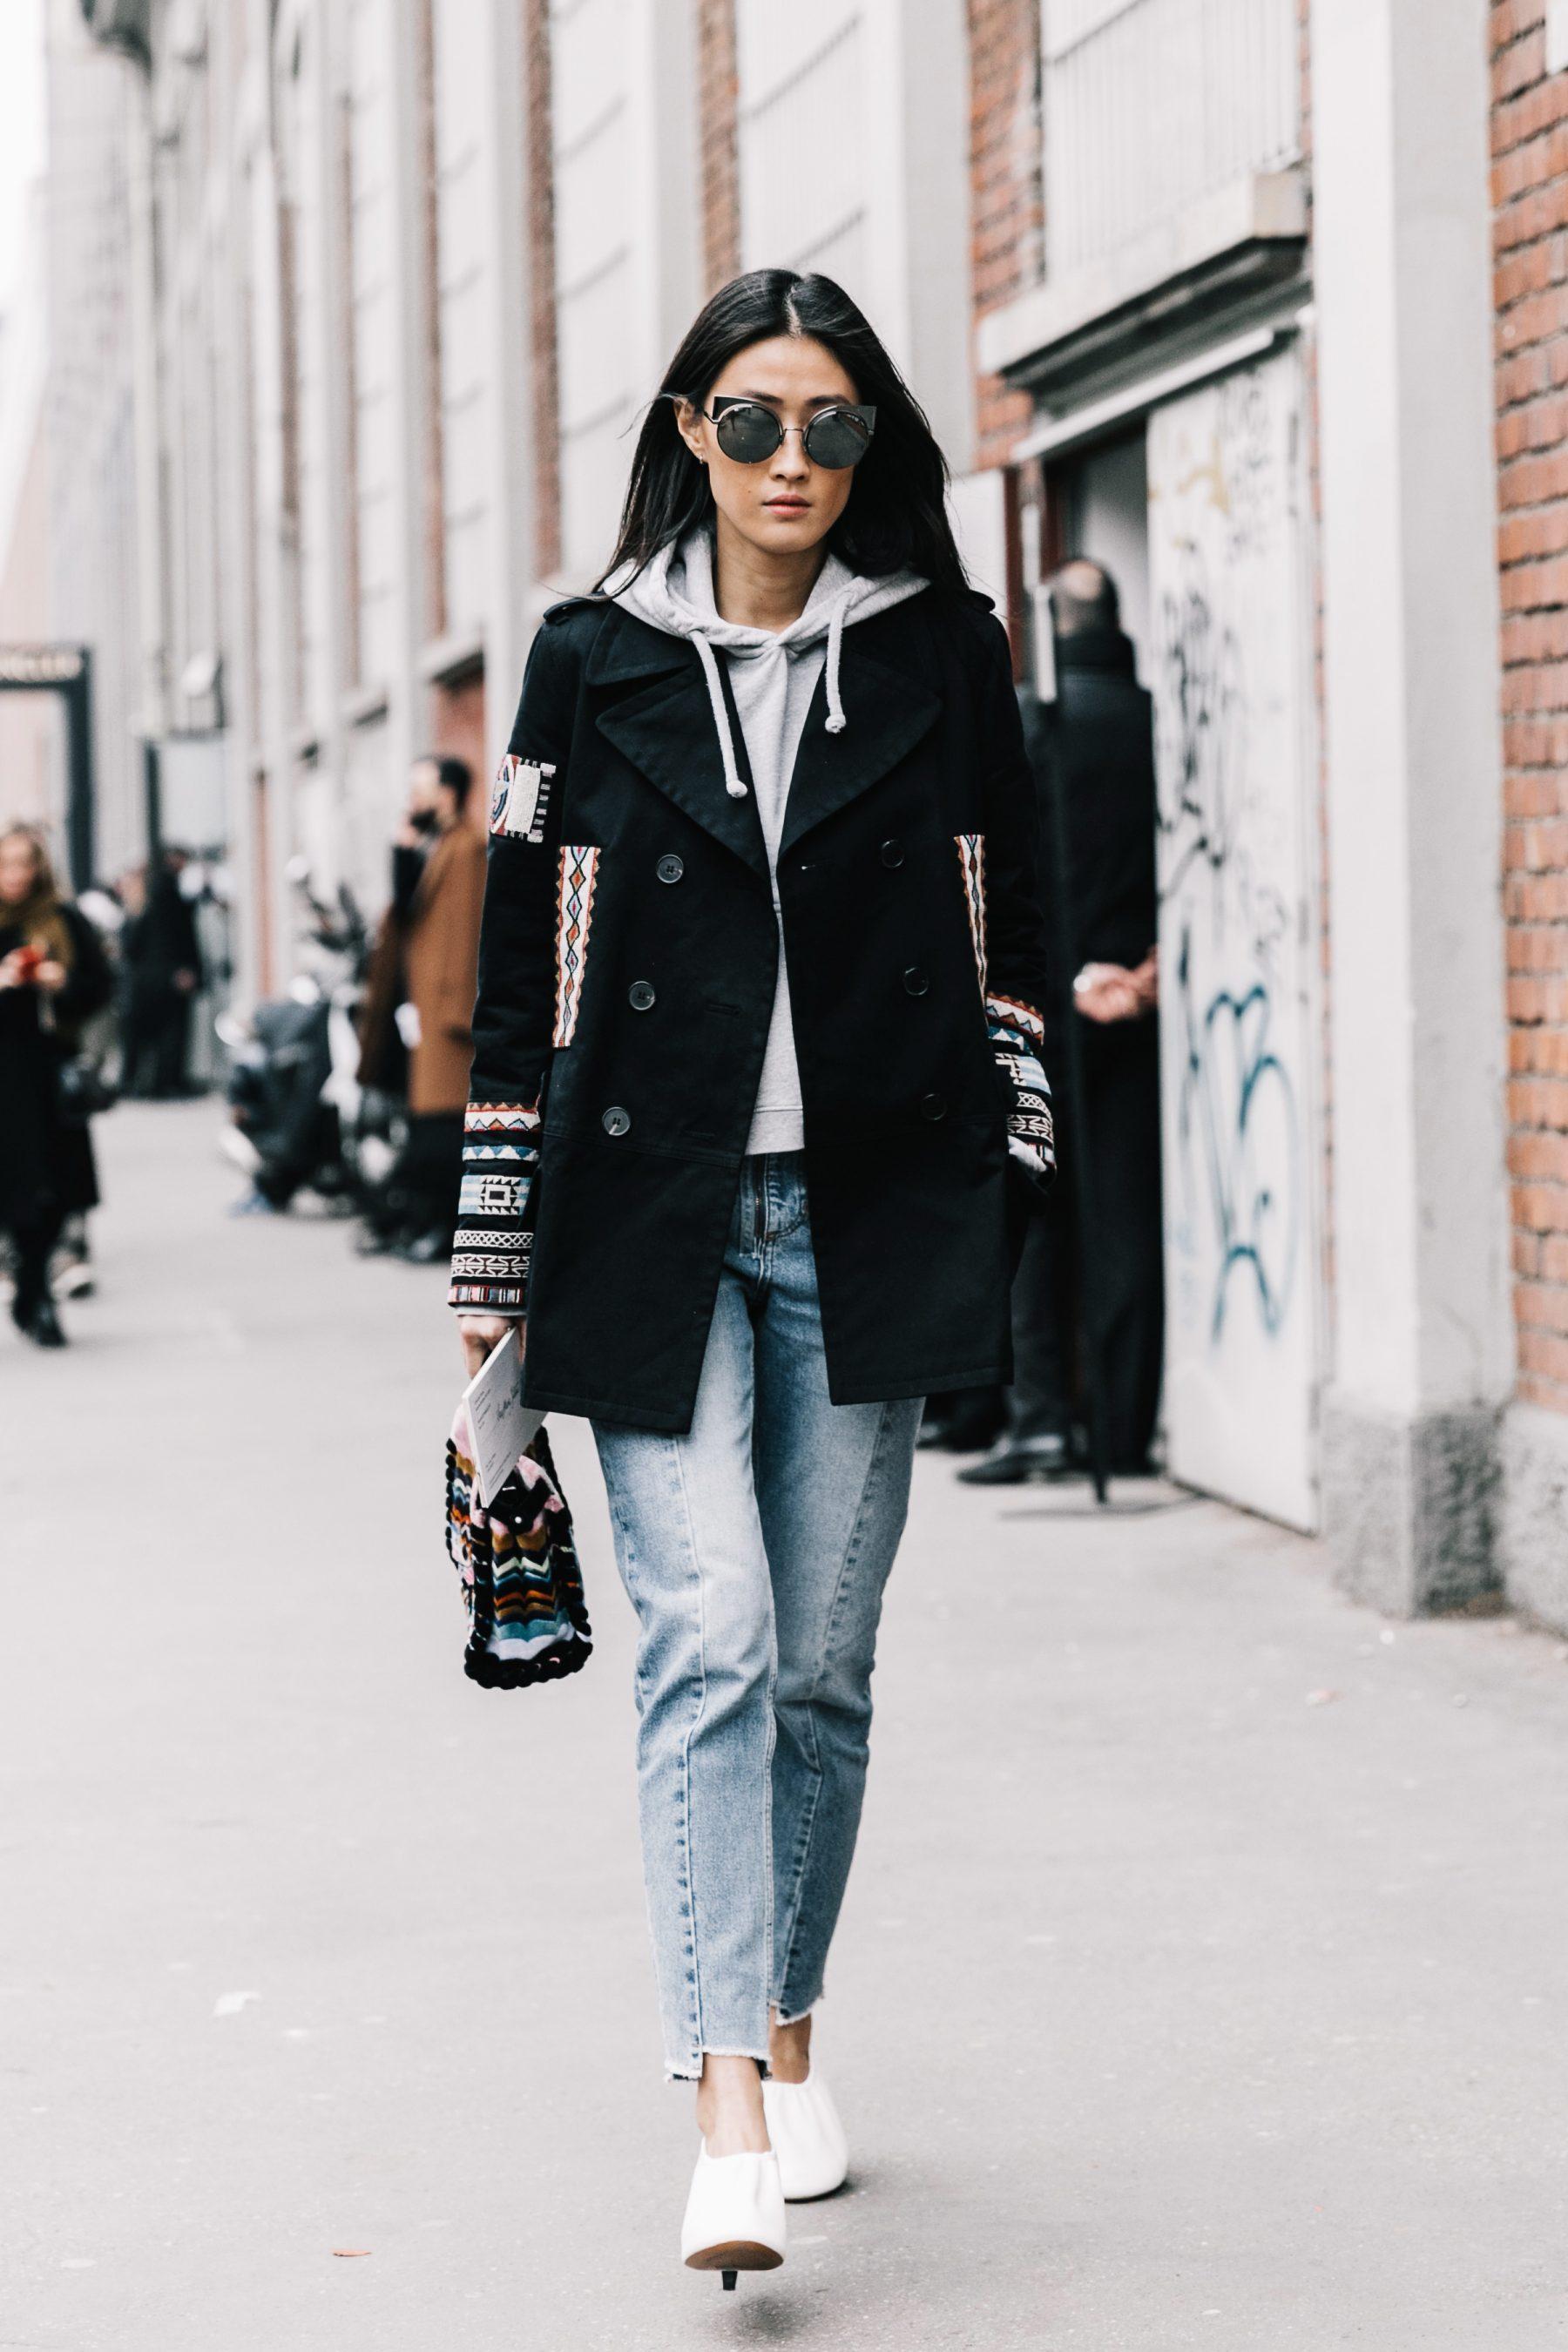 MFW Street Style I